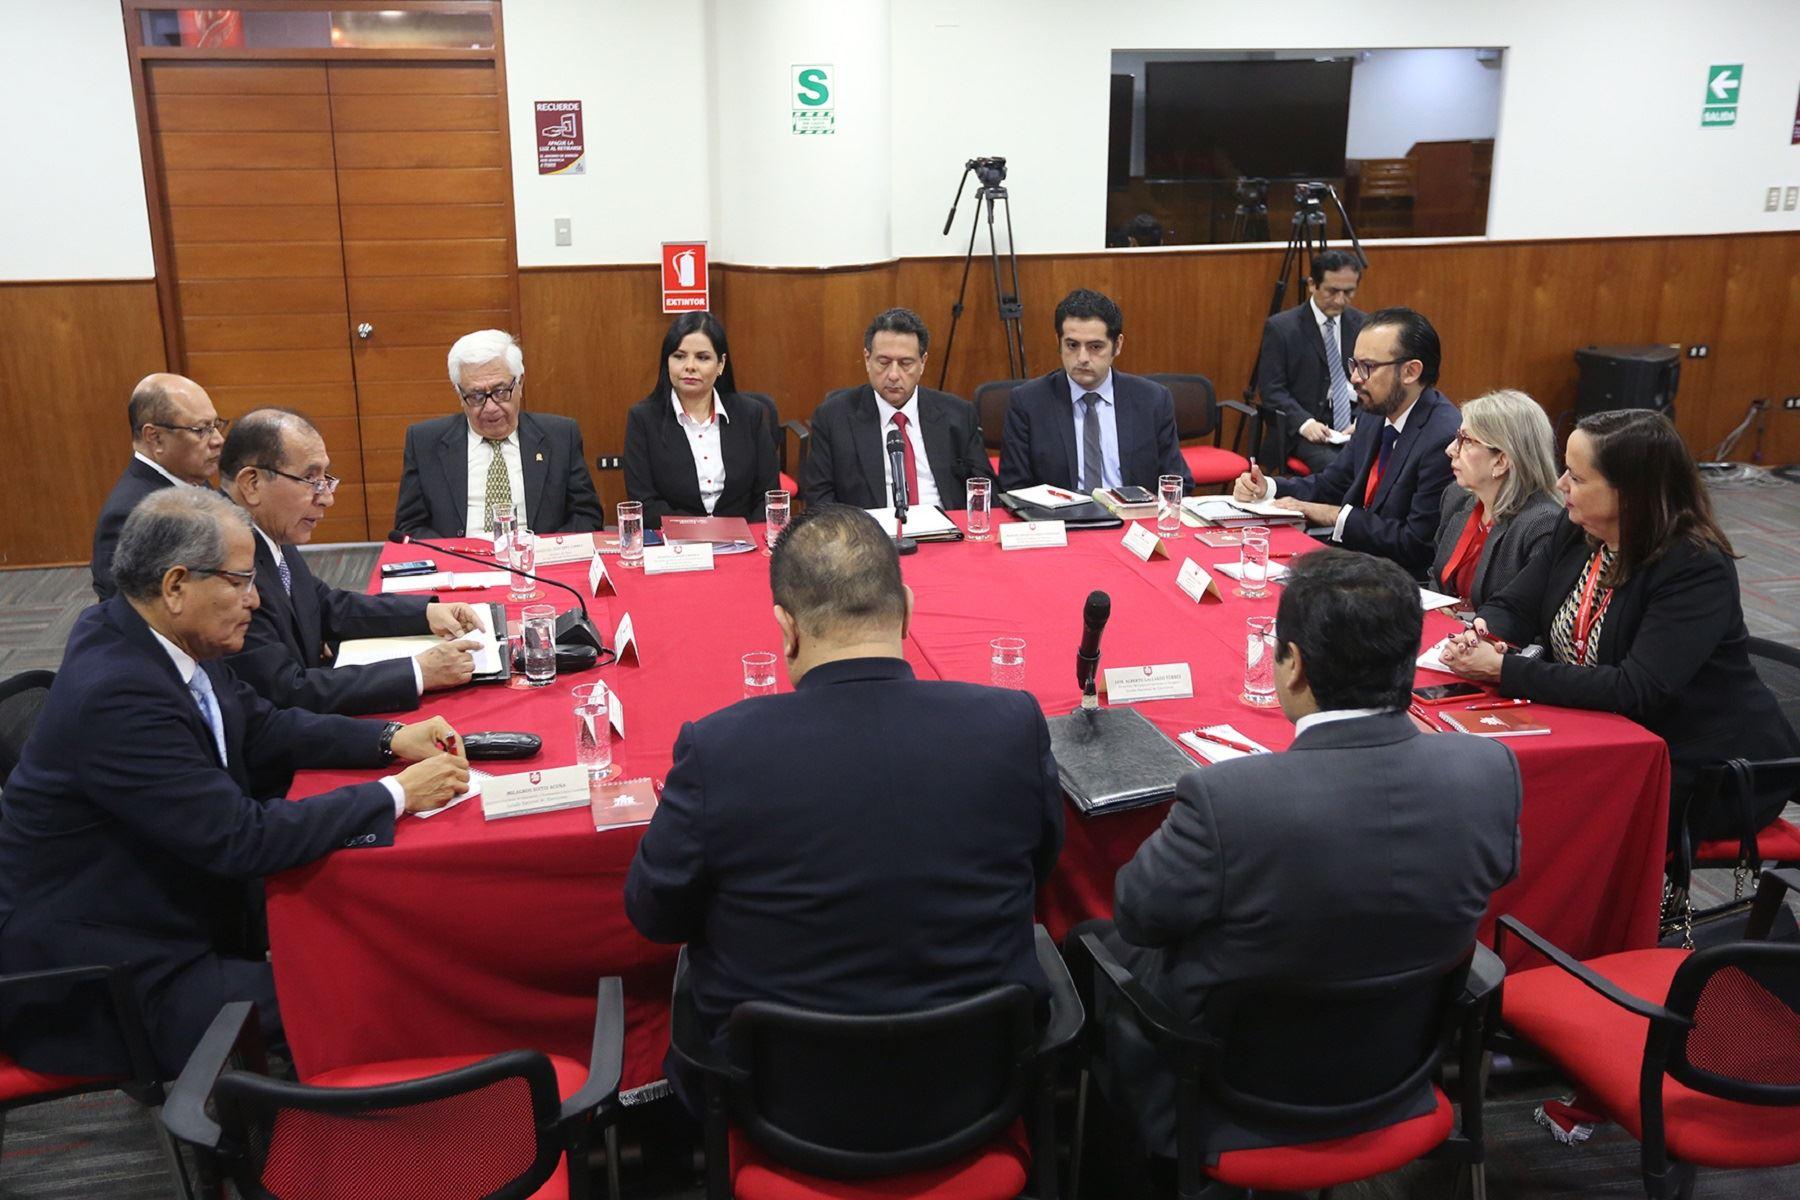 Reunión del JNE con integrantes de la misión de observación electoral de avanzada de la Unión Interamericana de Organismos Electorales (Uniore) Foto: Difusión